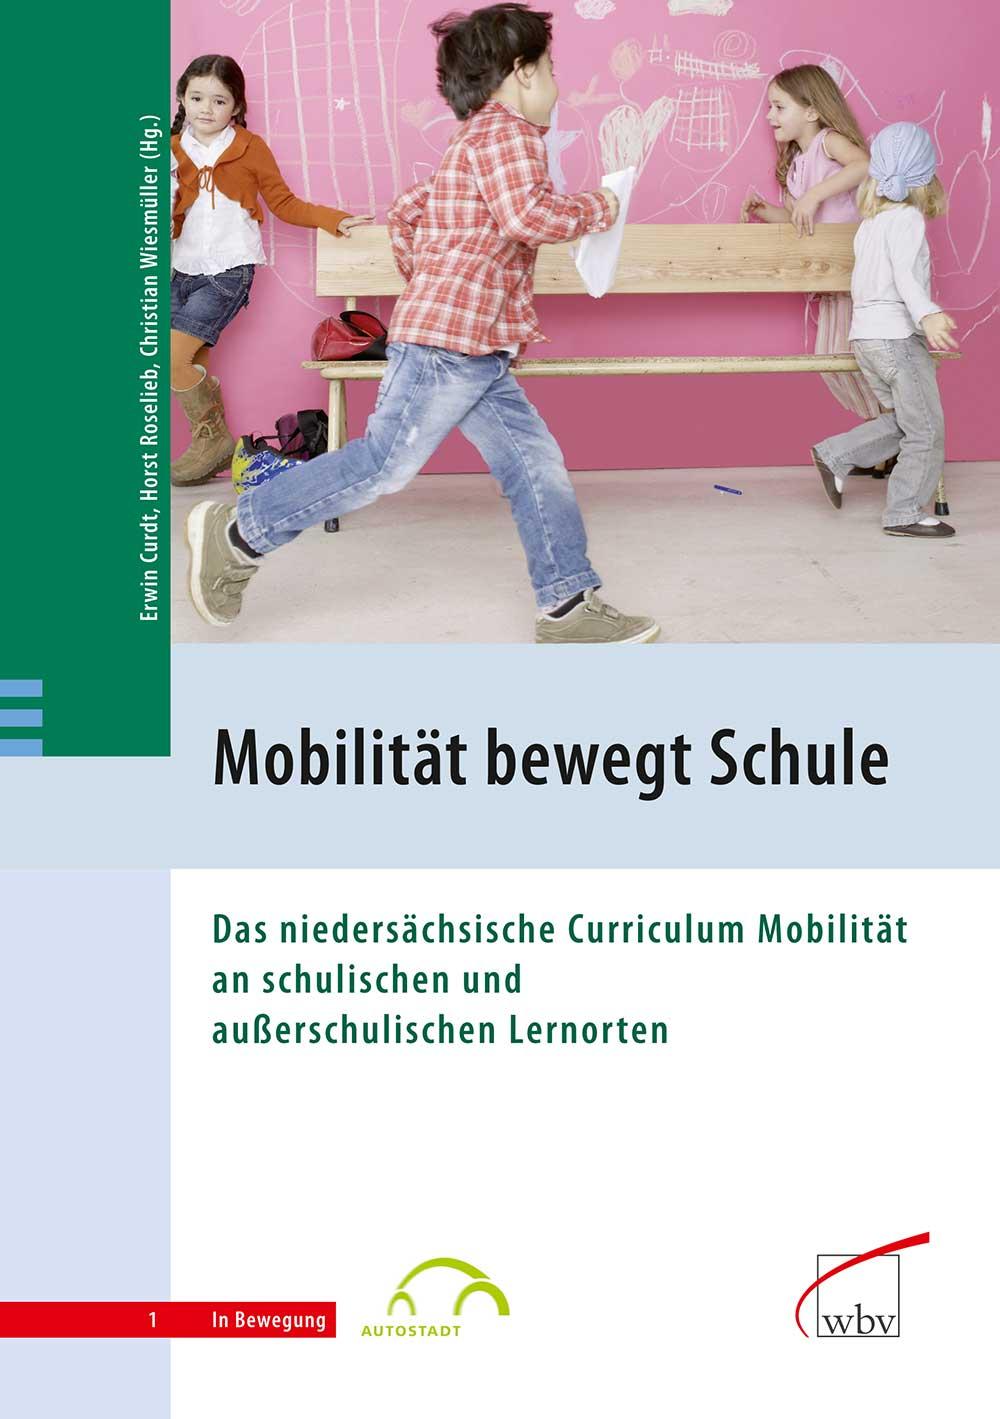 Mobilität bewegt... Schule: Das niedersächsische Curriculum Mobilität an schulischen und außerschulischen Lernorten